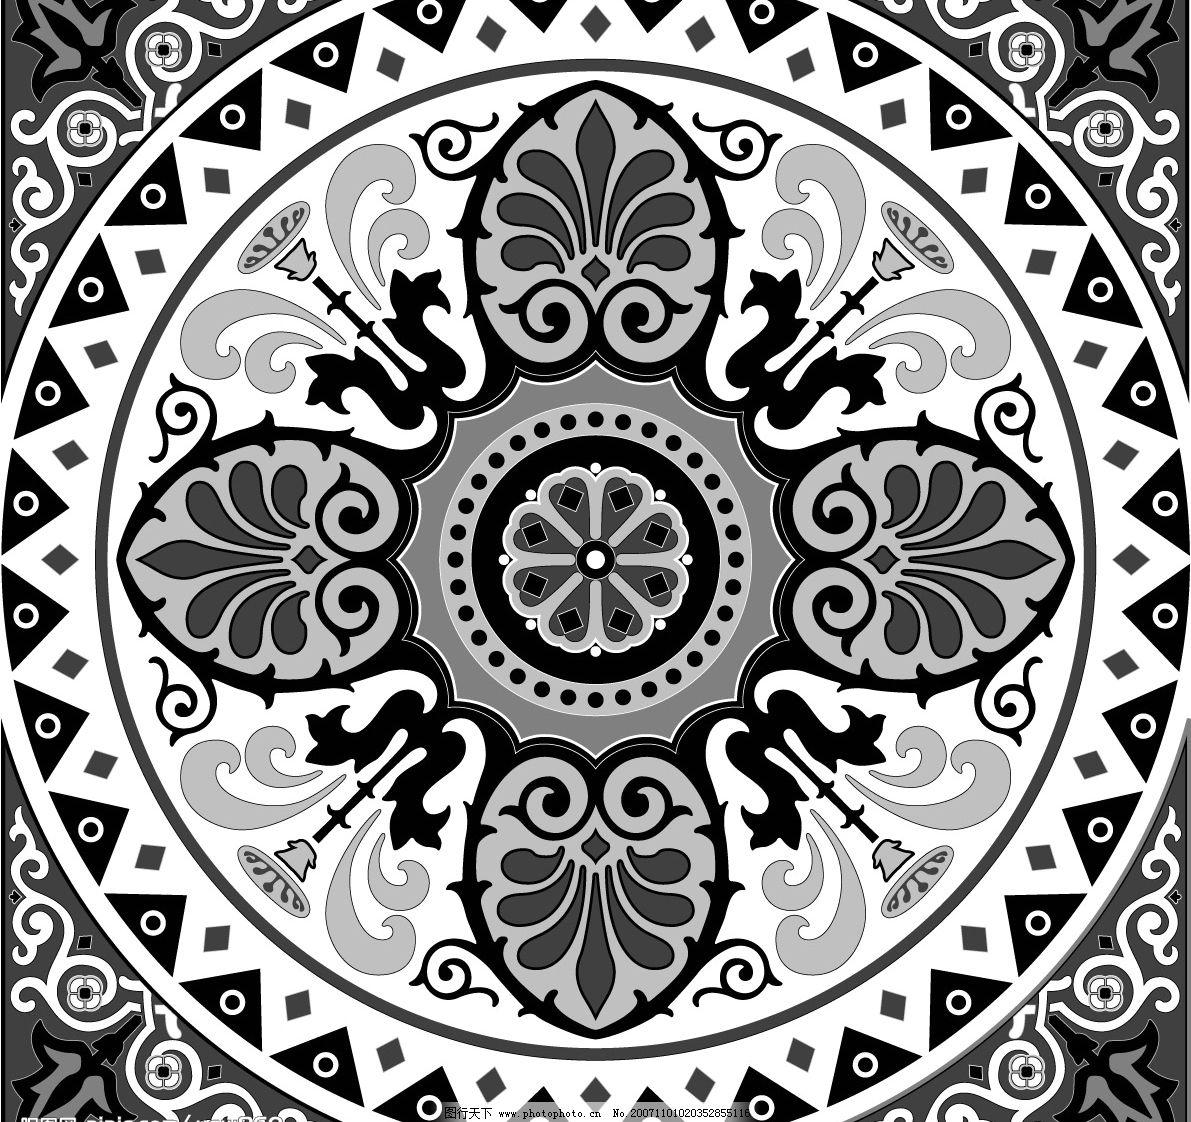 伊斯兰风格图案 底纹边框